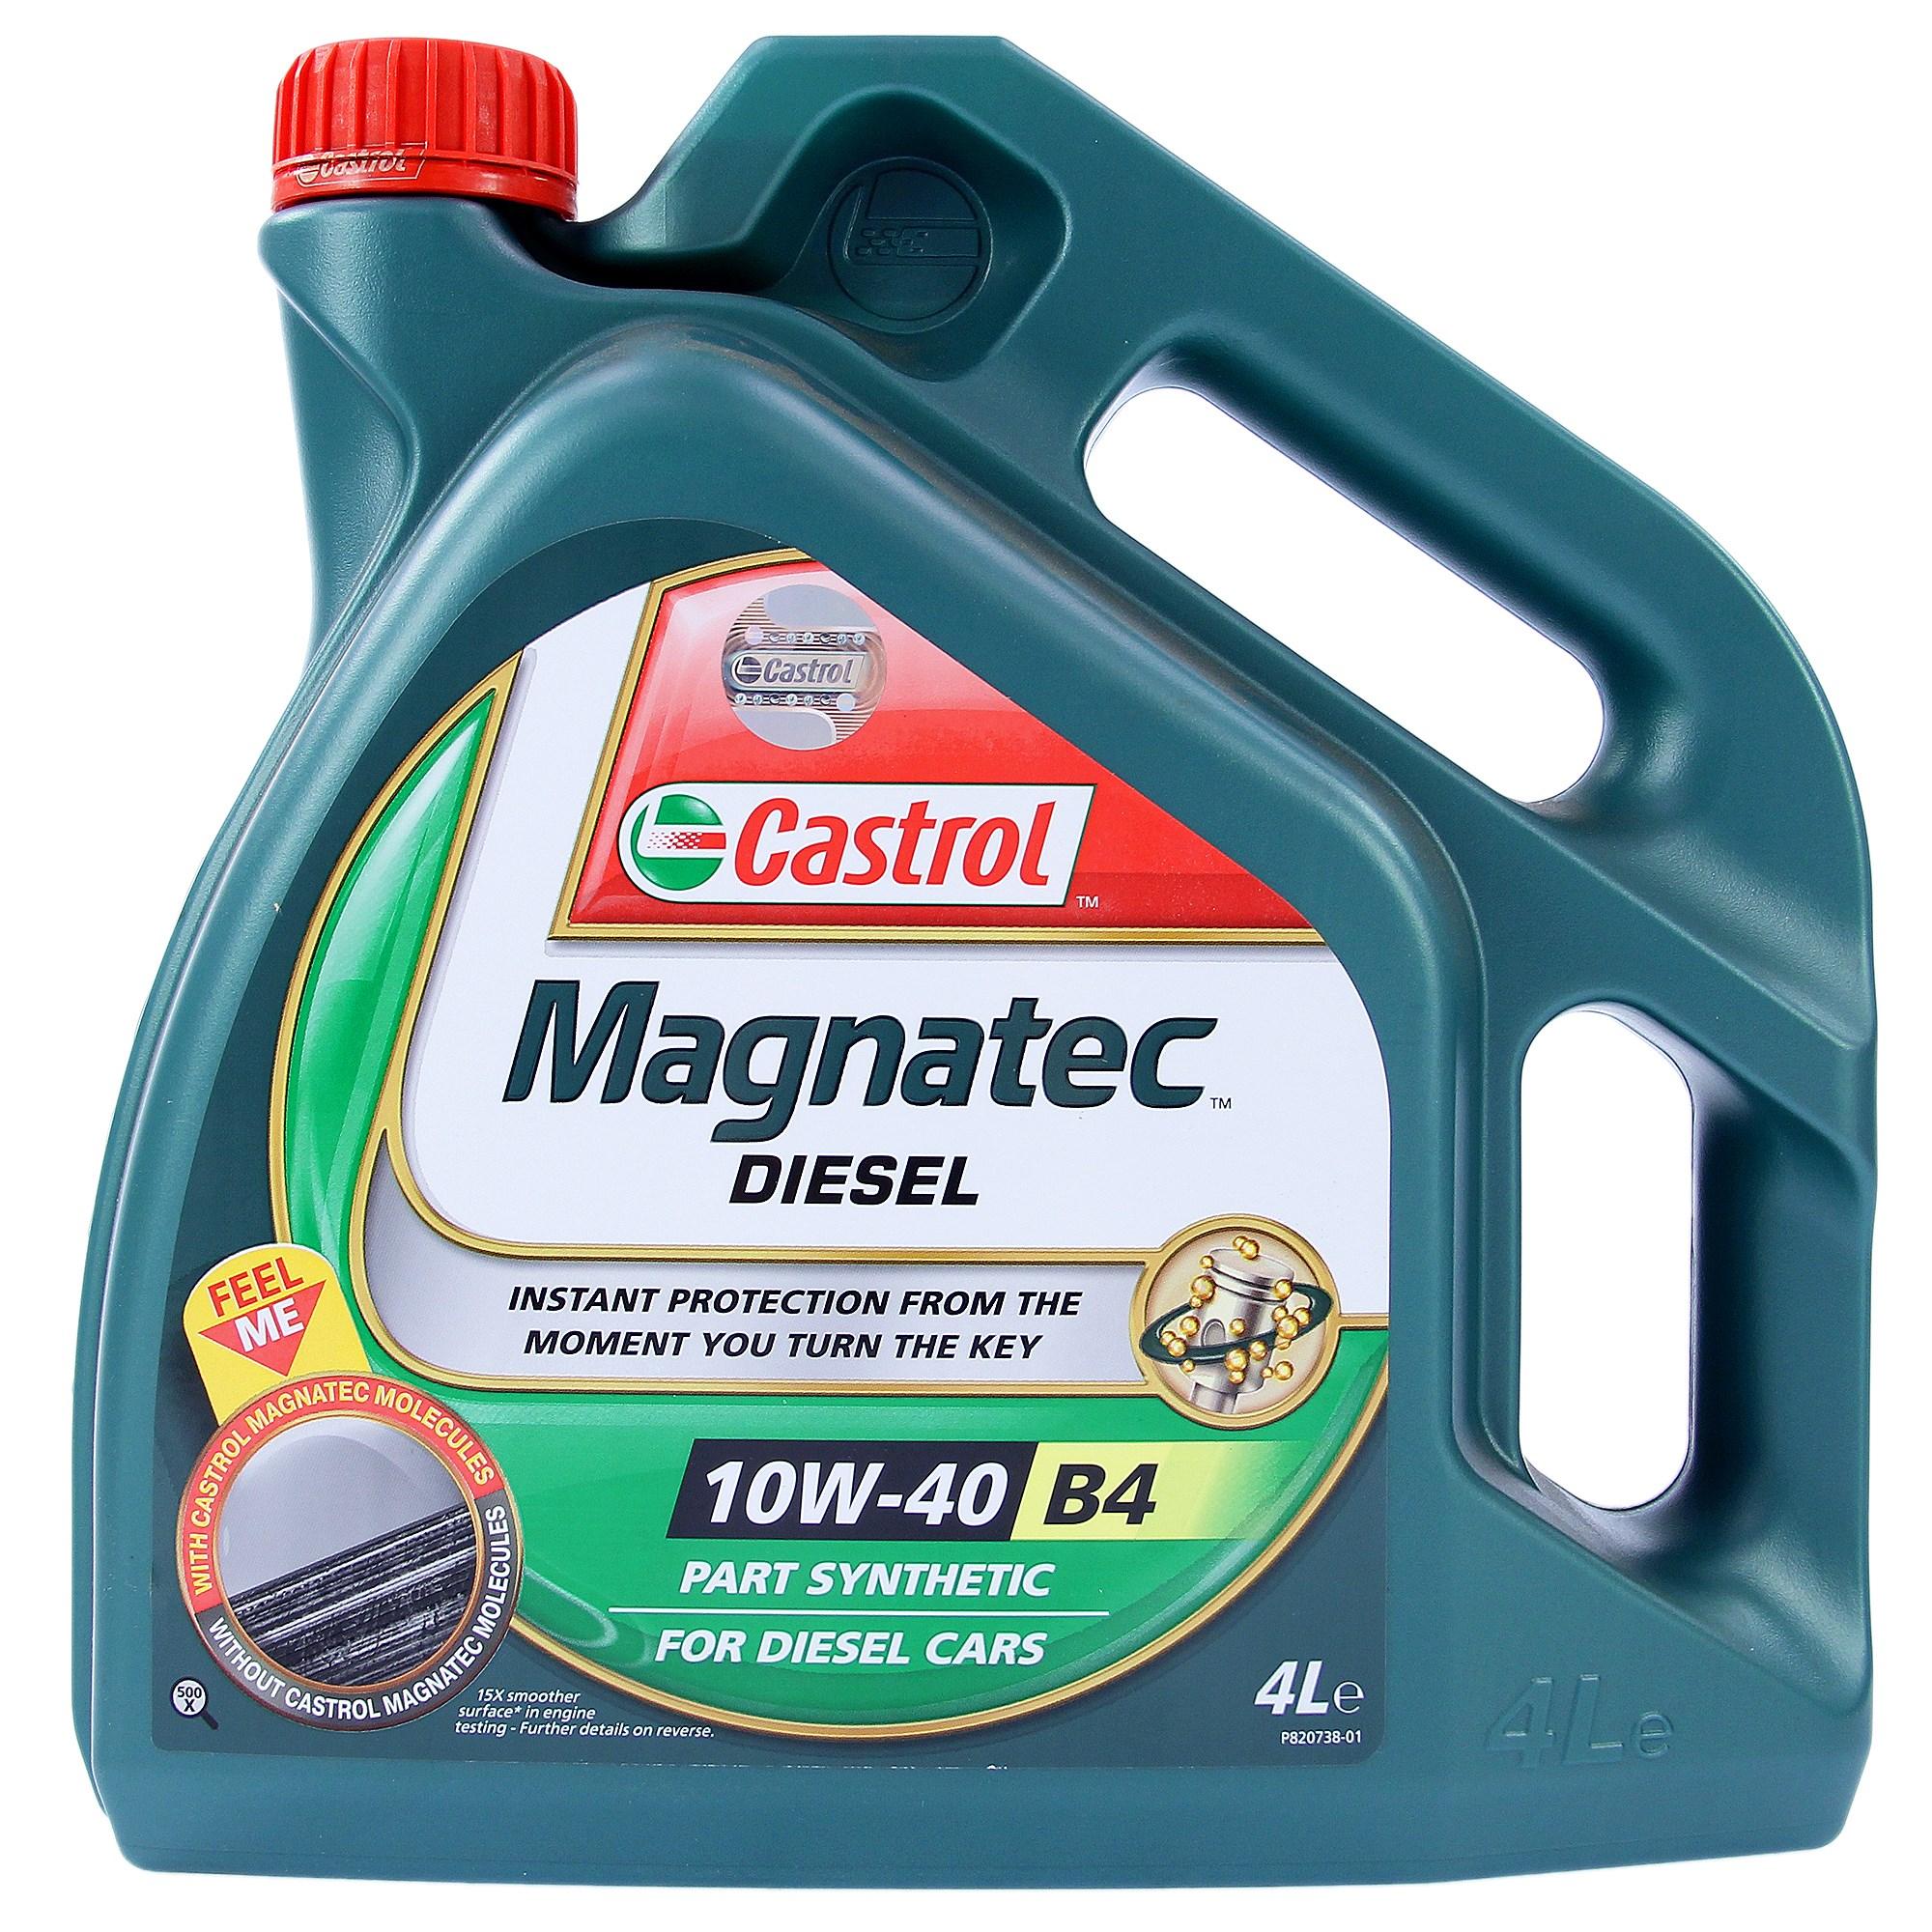 castrol magnatec diesel 10w-40 pdf